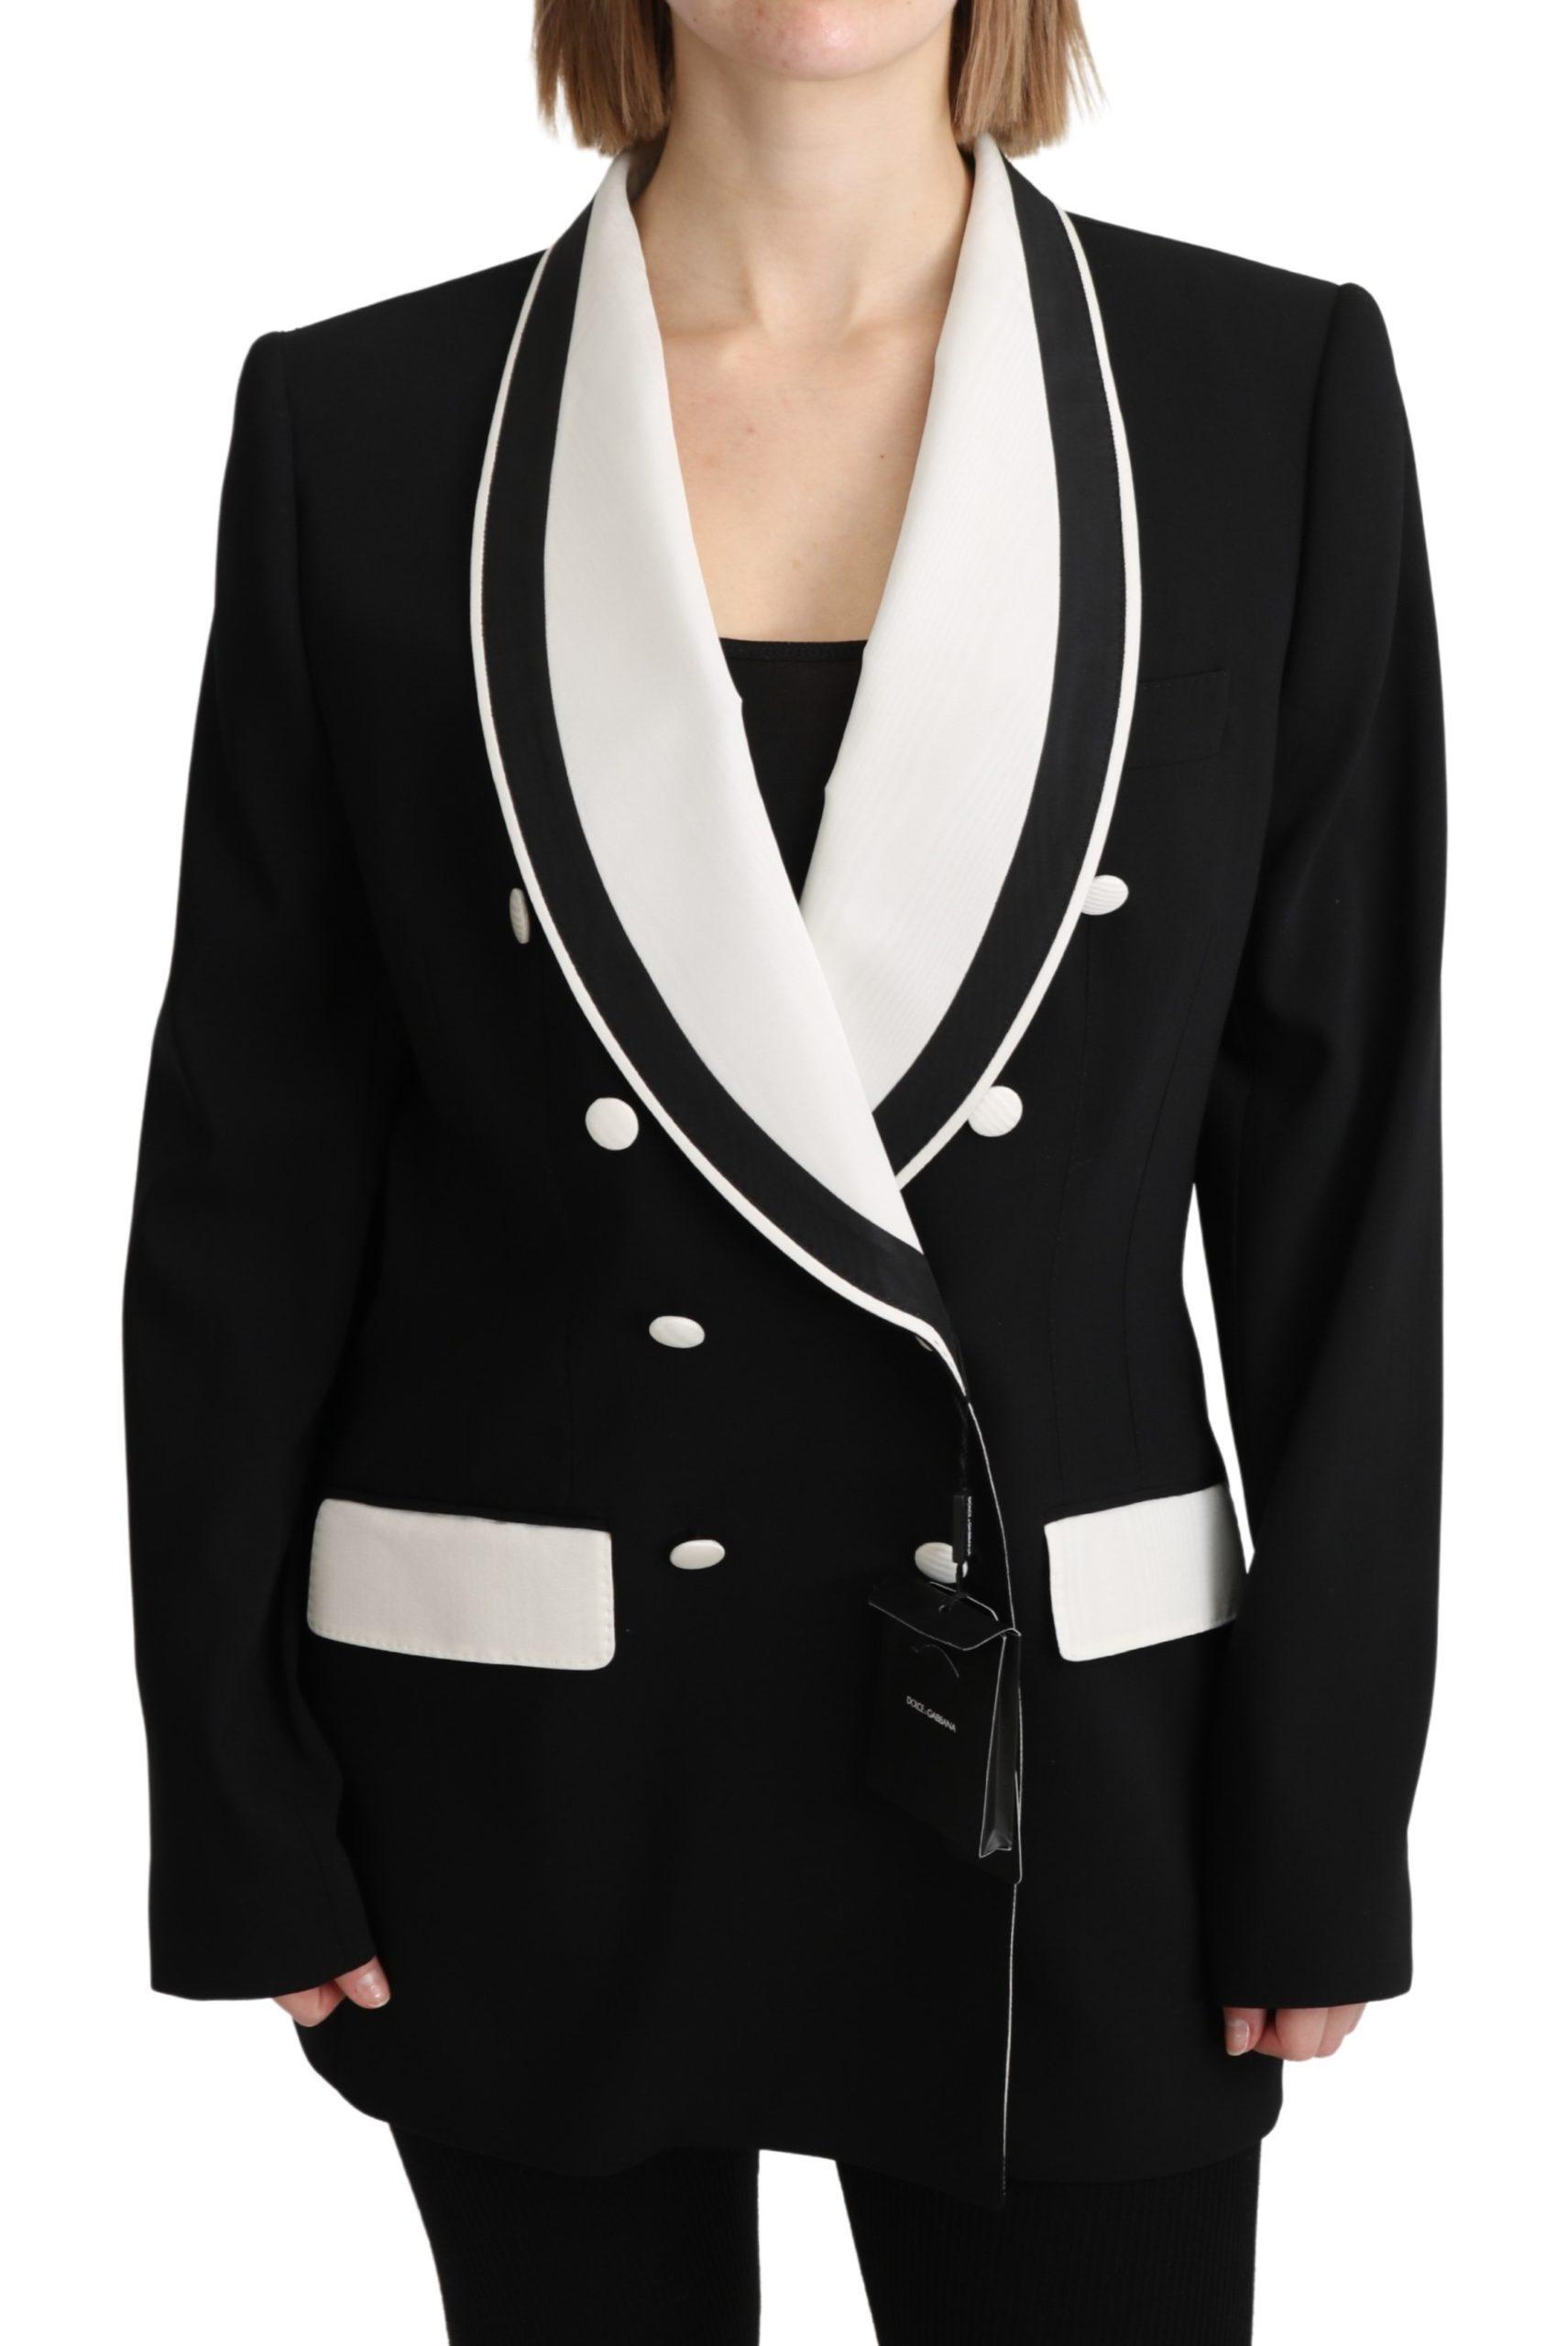 Dolce & Gabbana Women's Double Breasted Blazer Wool Jacket Black KOS1796 - IT48 XXL